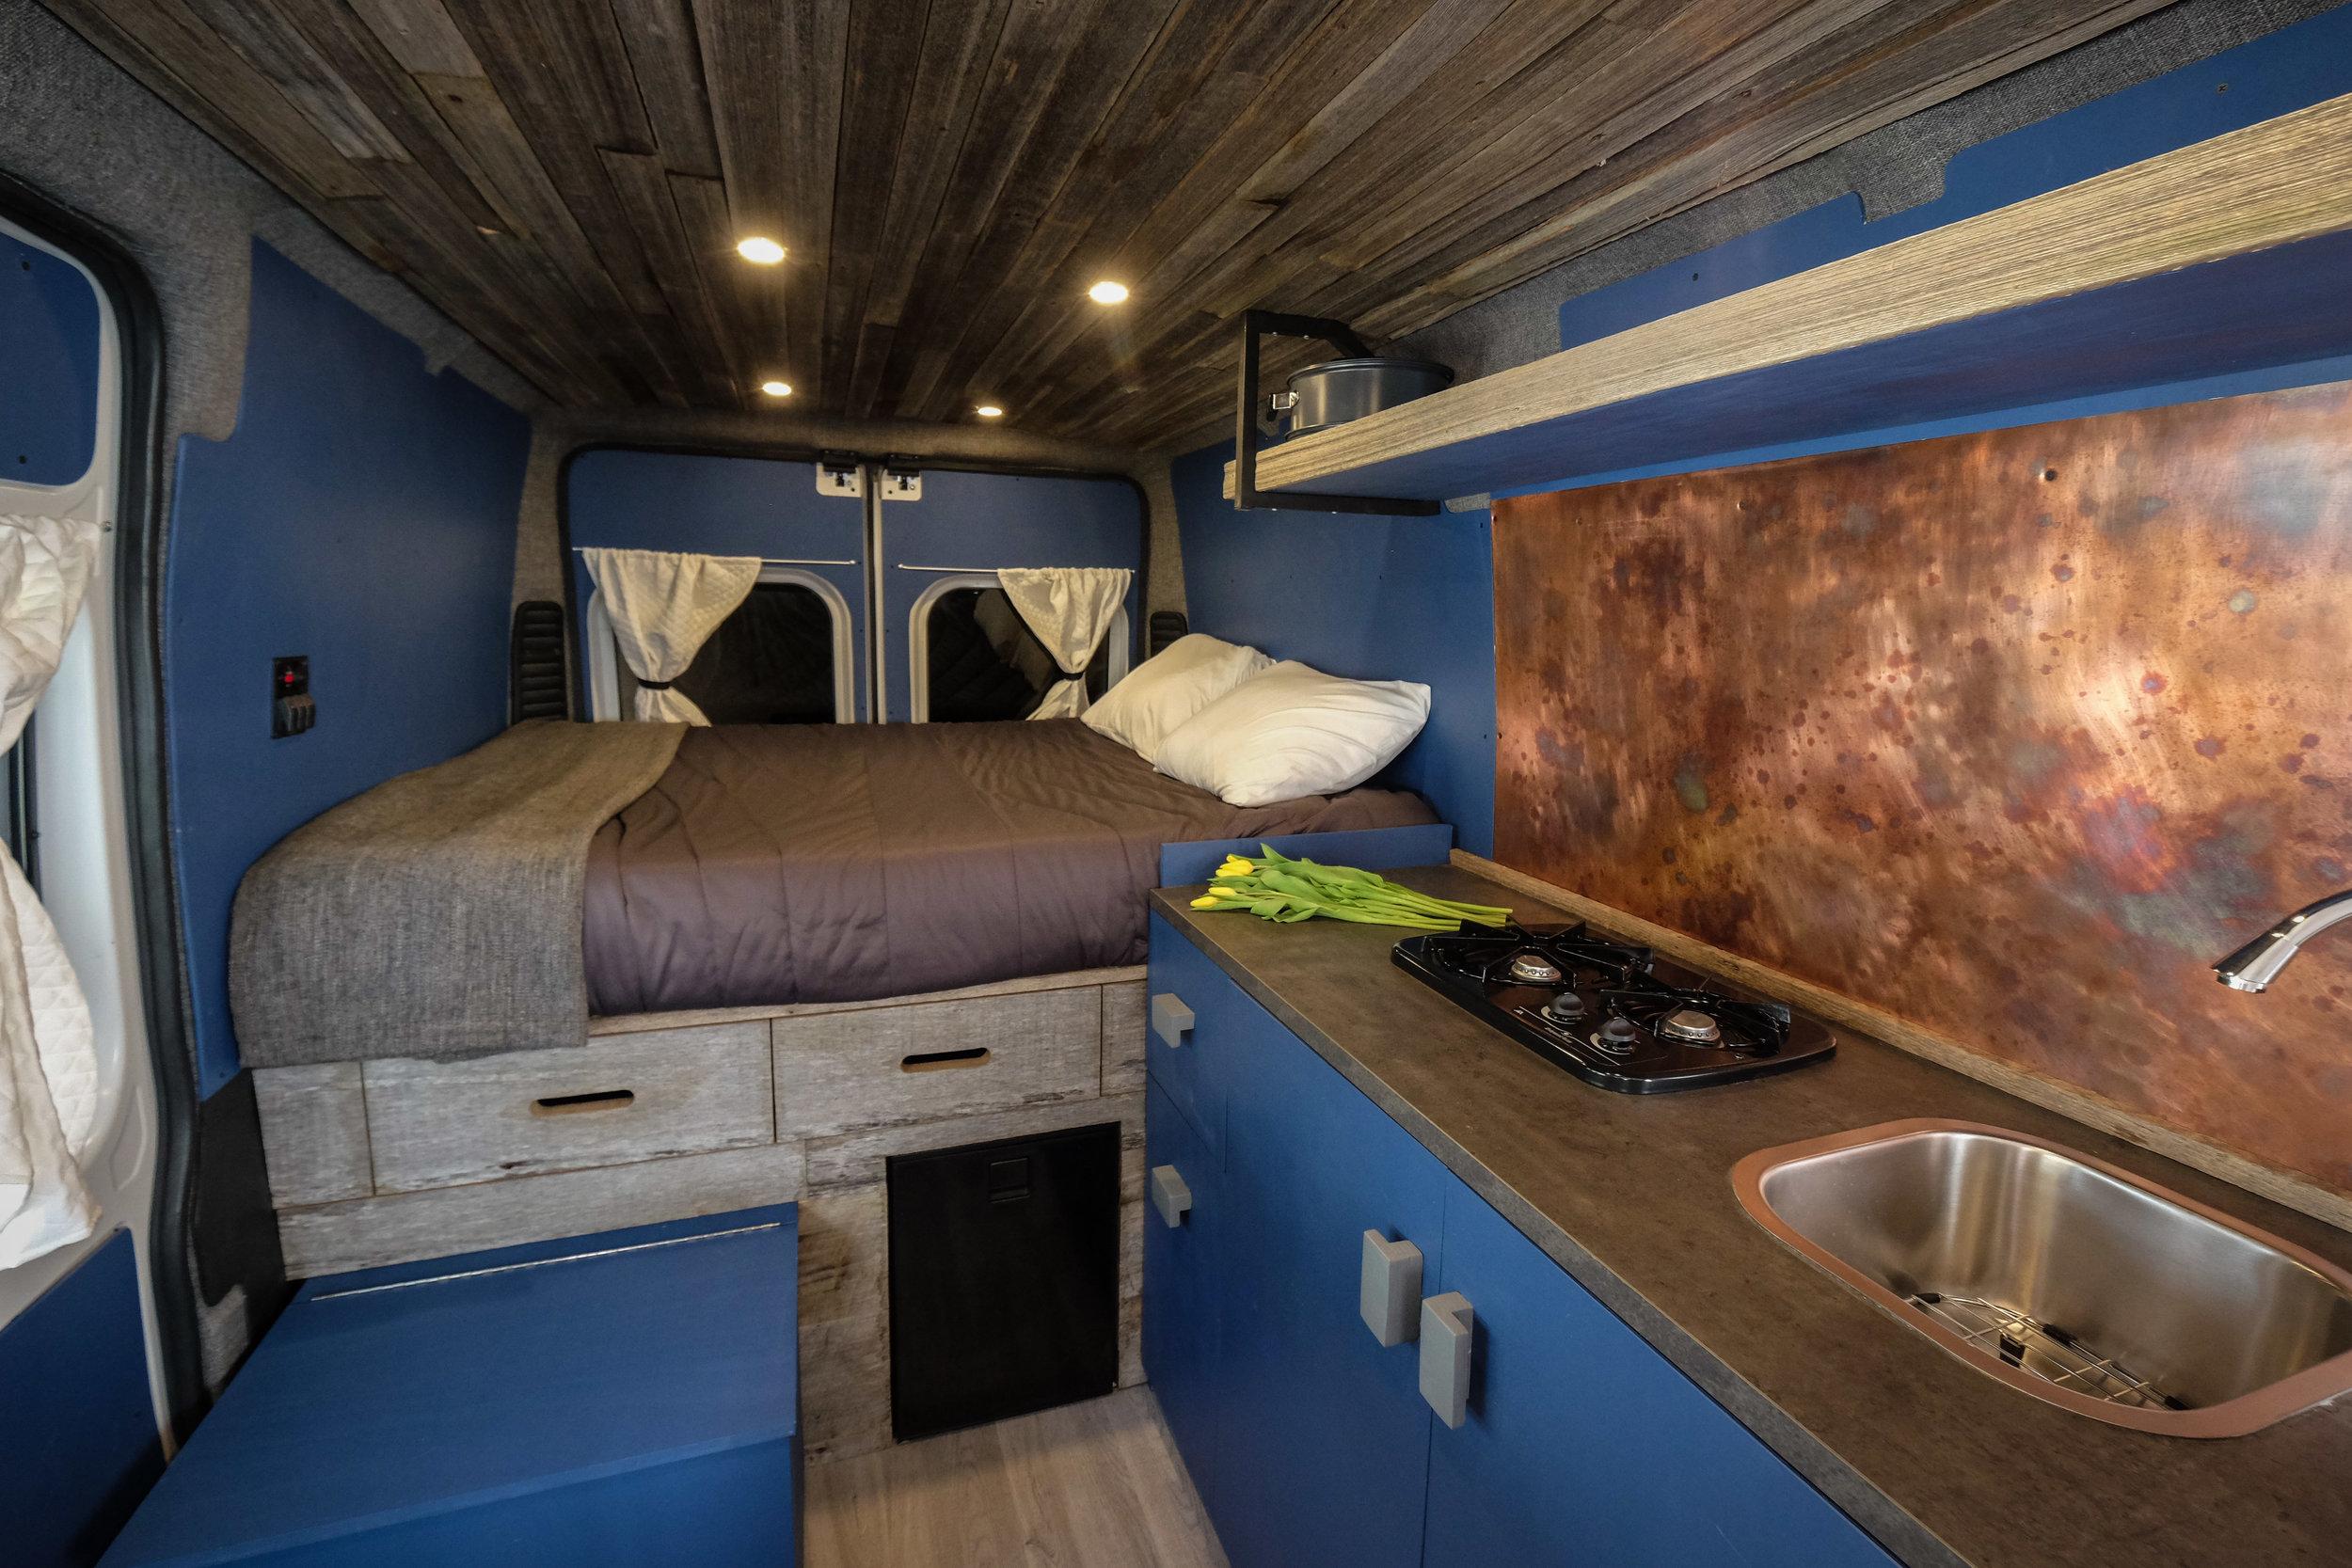 Bonfire - Biggie Campervan$36,750Mileage: 111,857Located in Denver, Colorado